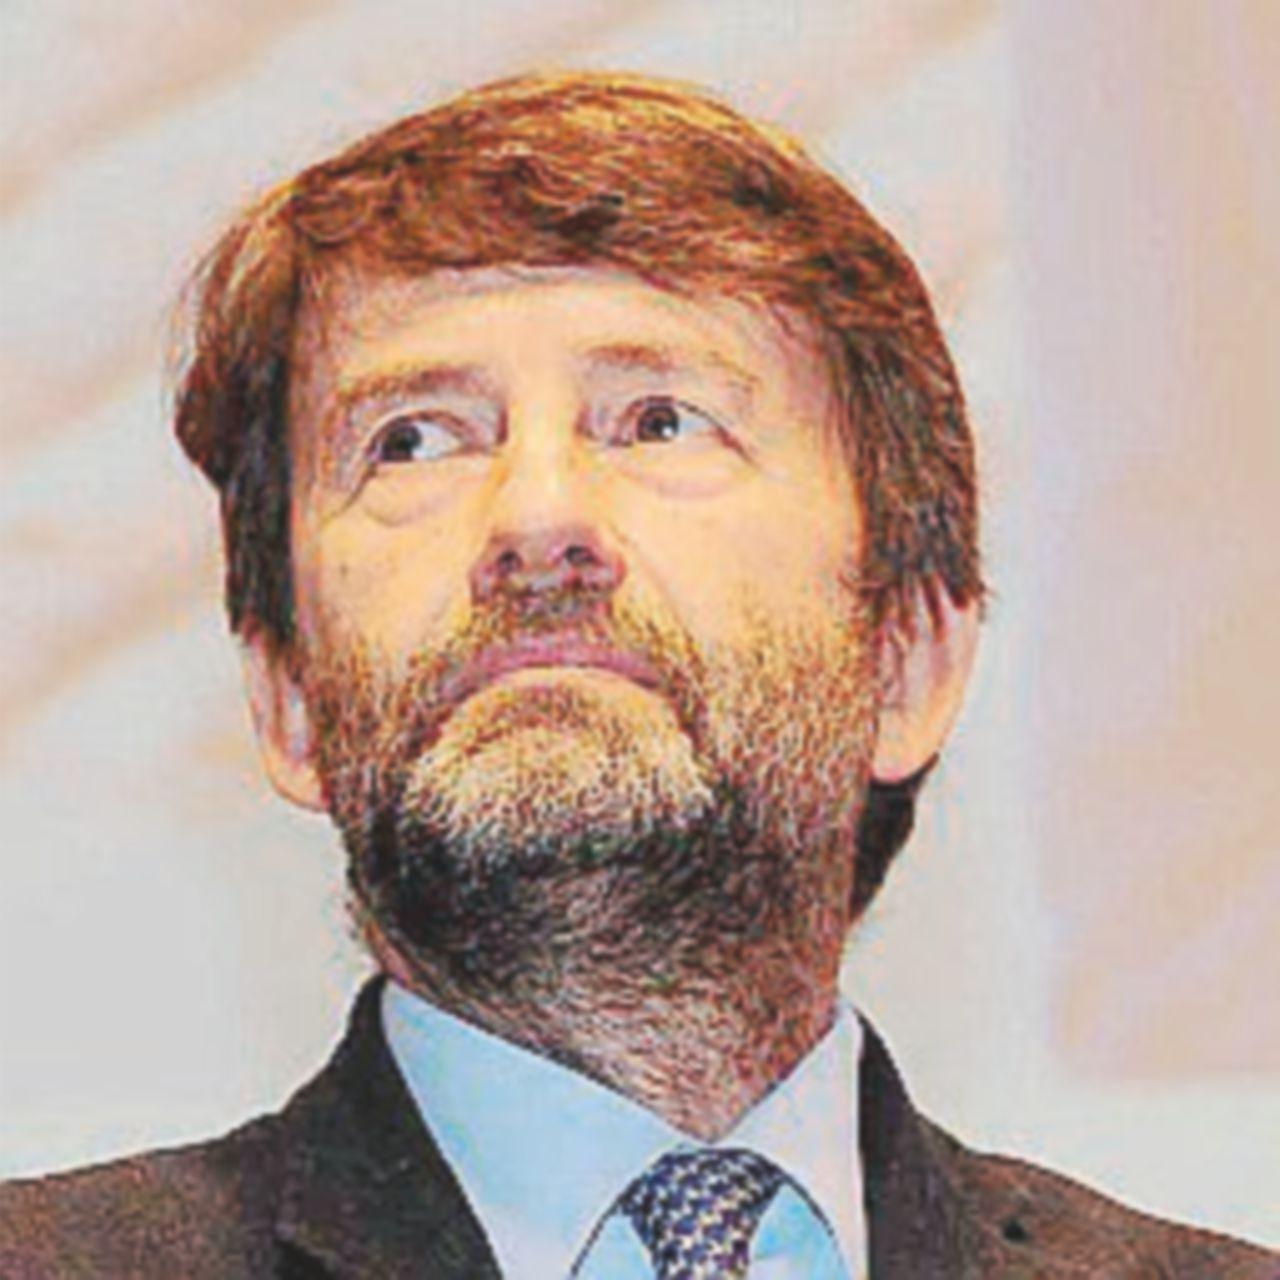 L'elogio dei ministri, i timori di Di Maio e i sospetti dem